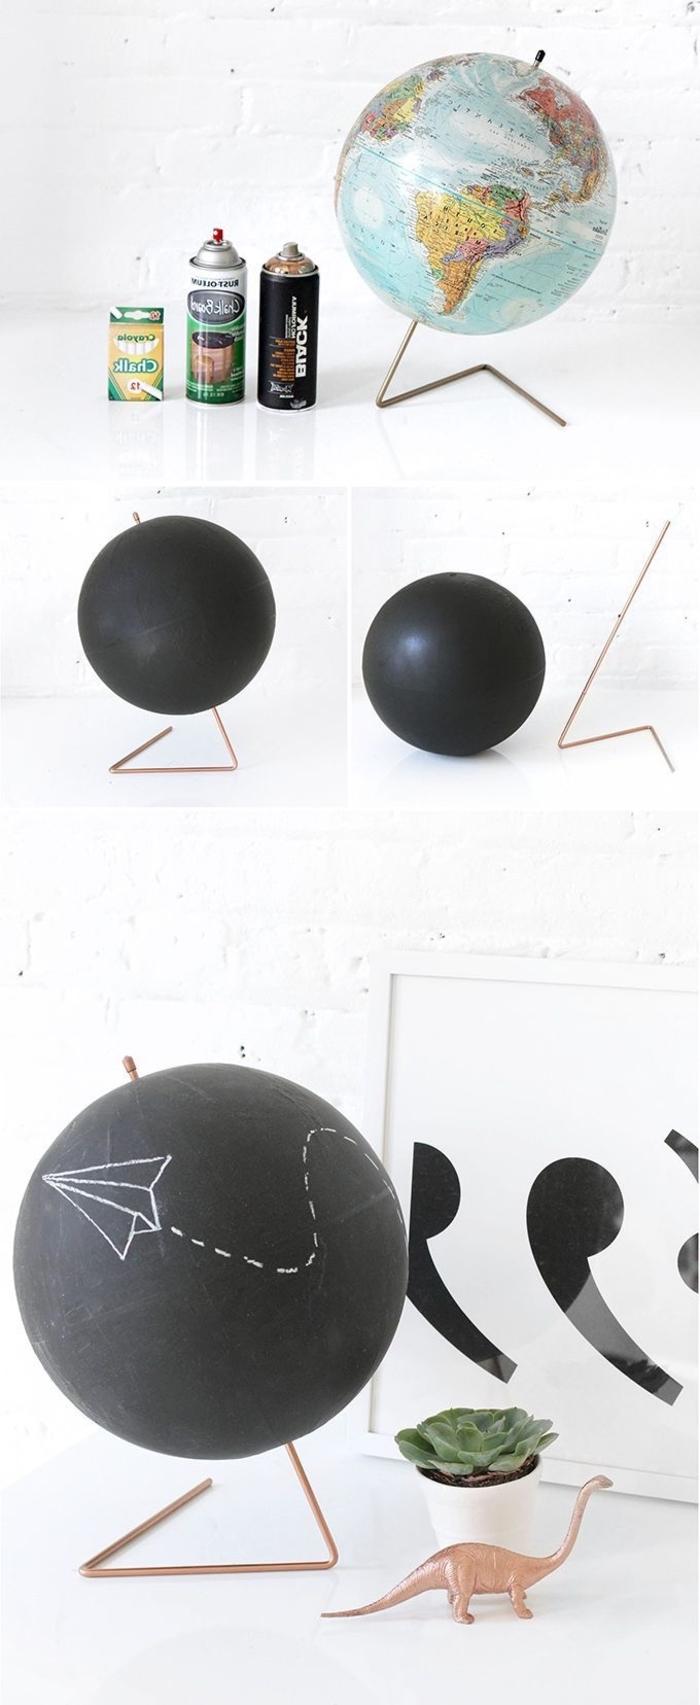 un projet diy maison facile pour relooker un globe terrestre en objet déco avec de la peinture ardoise